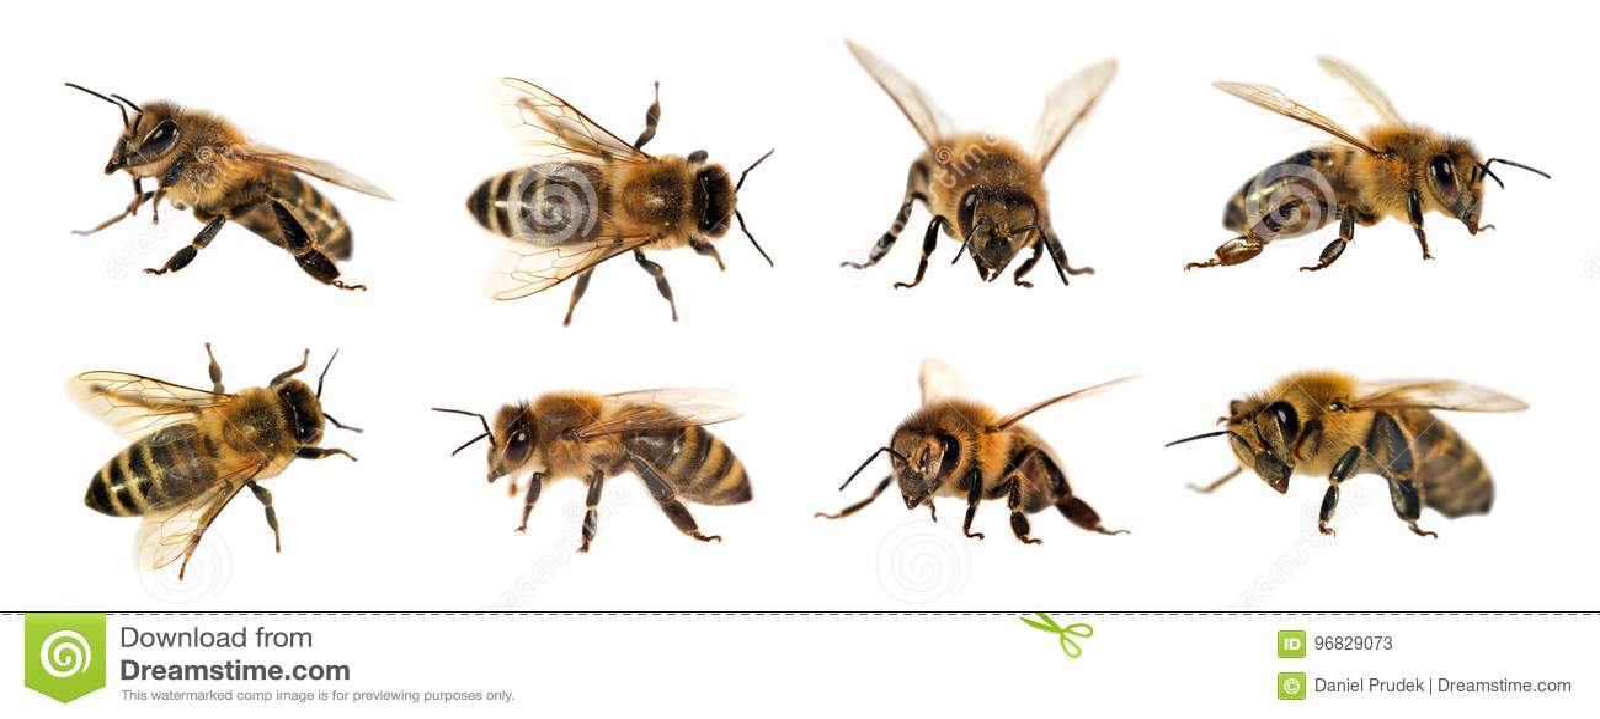 Grupp av biet eller honungsbit på vit bakgrund, honungbin